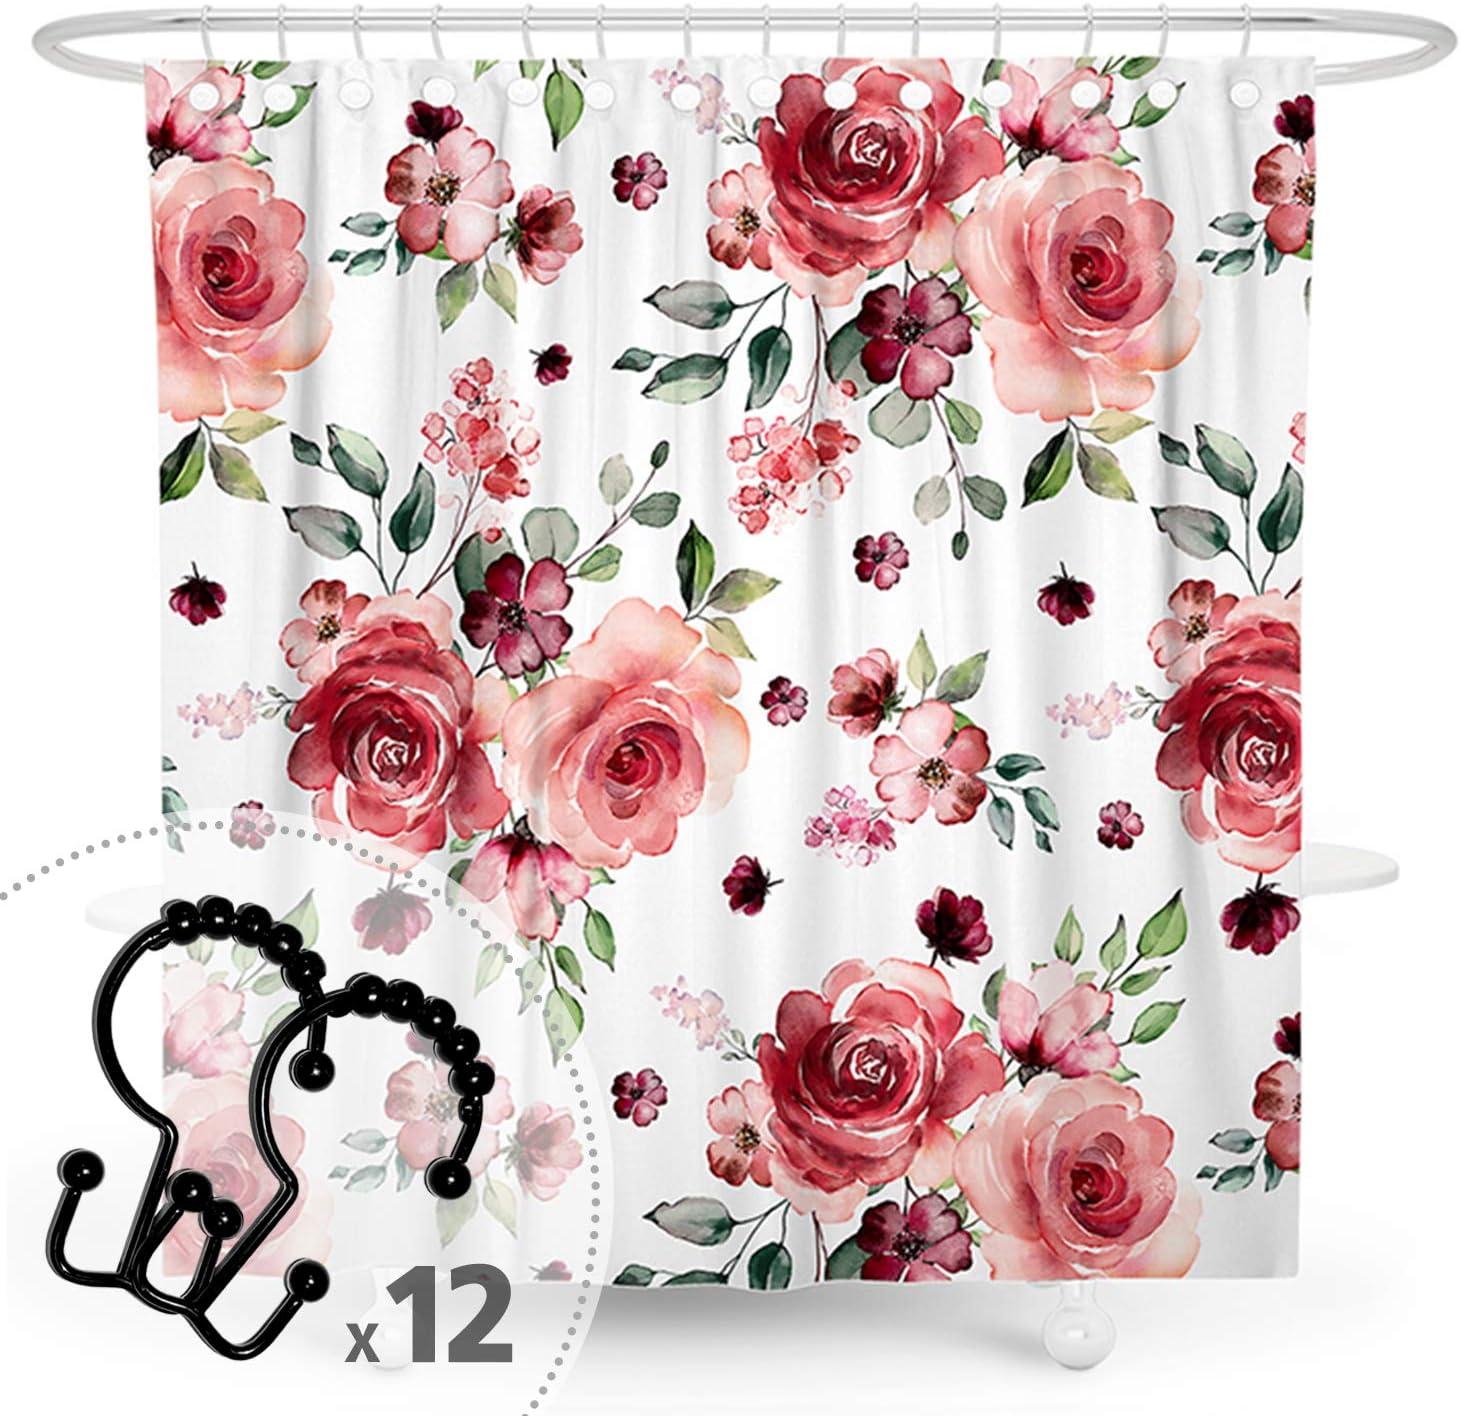 DESIHOM Floral Shower Curtain Pink Rose Shower Curtain Flower Shower Curtain Wildflower Shower Curtain Garden Shower Curtain Vintage Plant Shower Curtain Fall Polyester Waterproof Shower Curtain 72x72